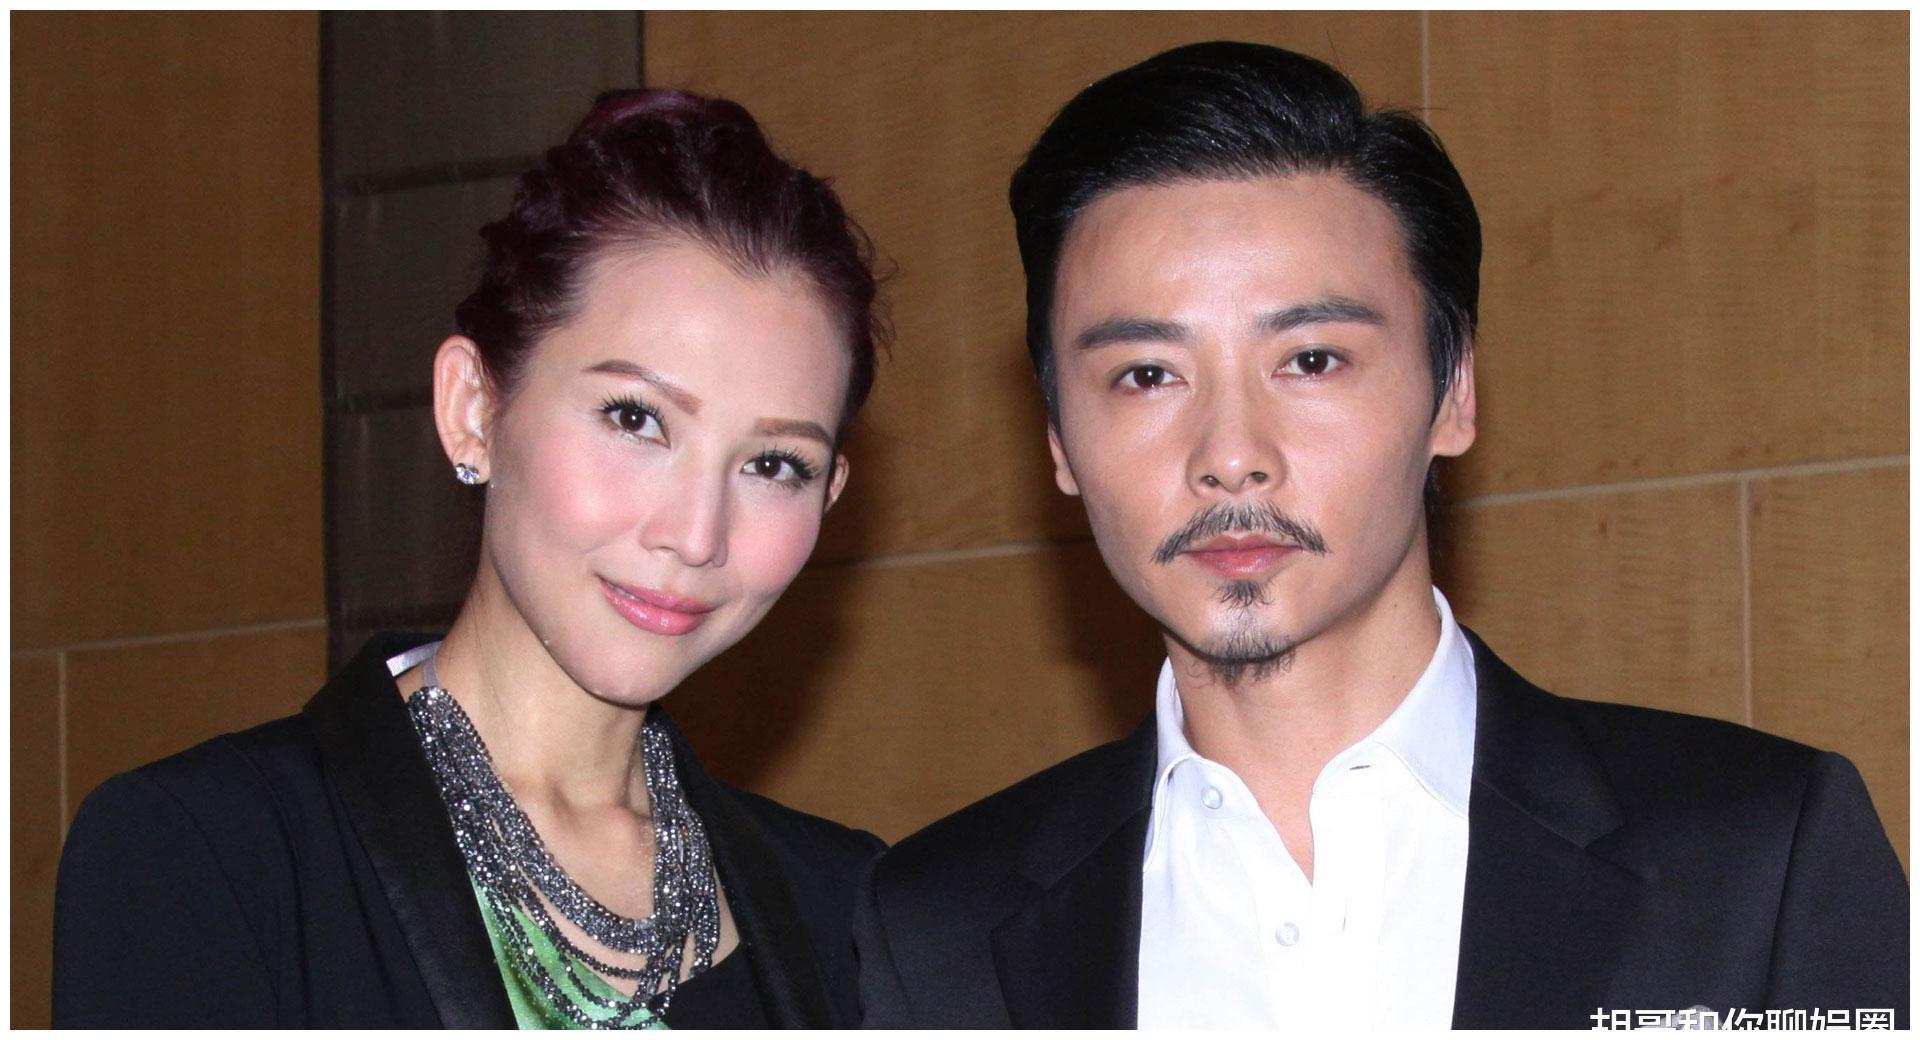 娱乐圈修成正果的姐弟恋,高圆圆和赵又廷差4岁,而他们相差12岁